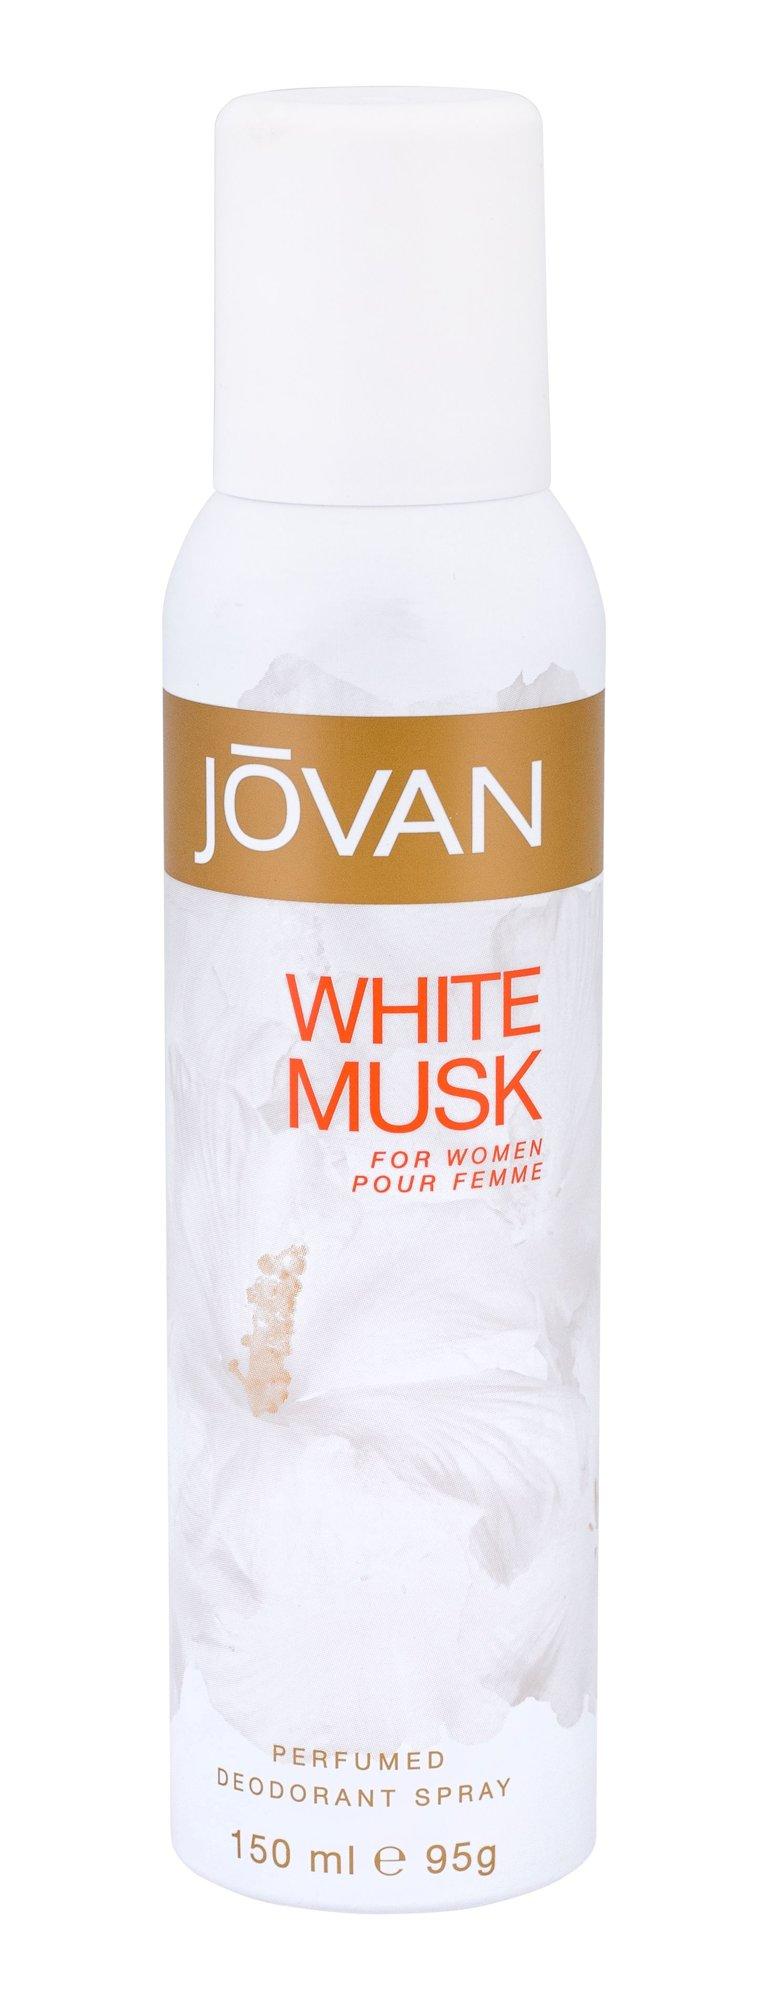 Jovan Musk White For Women Deodorant 150ml